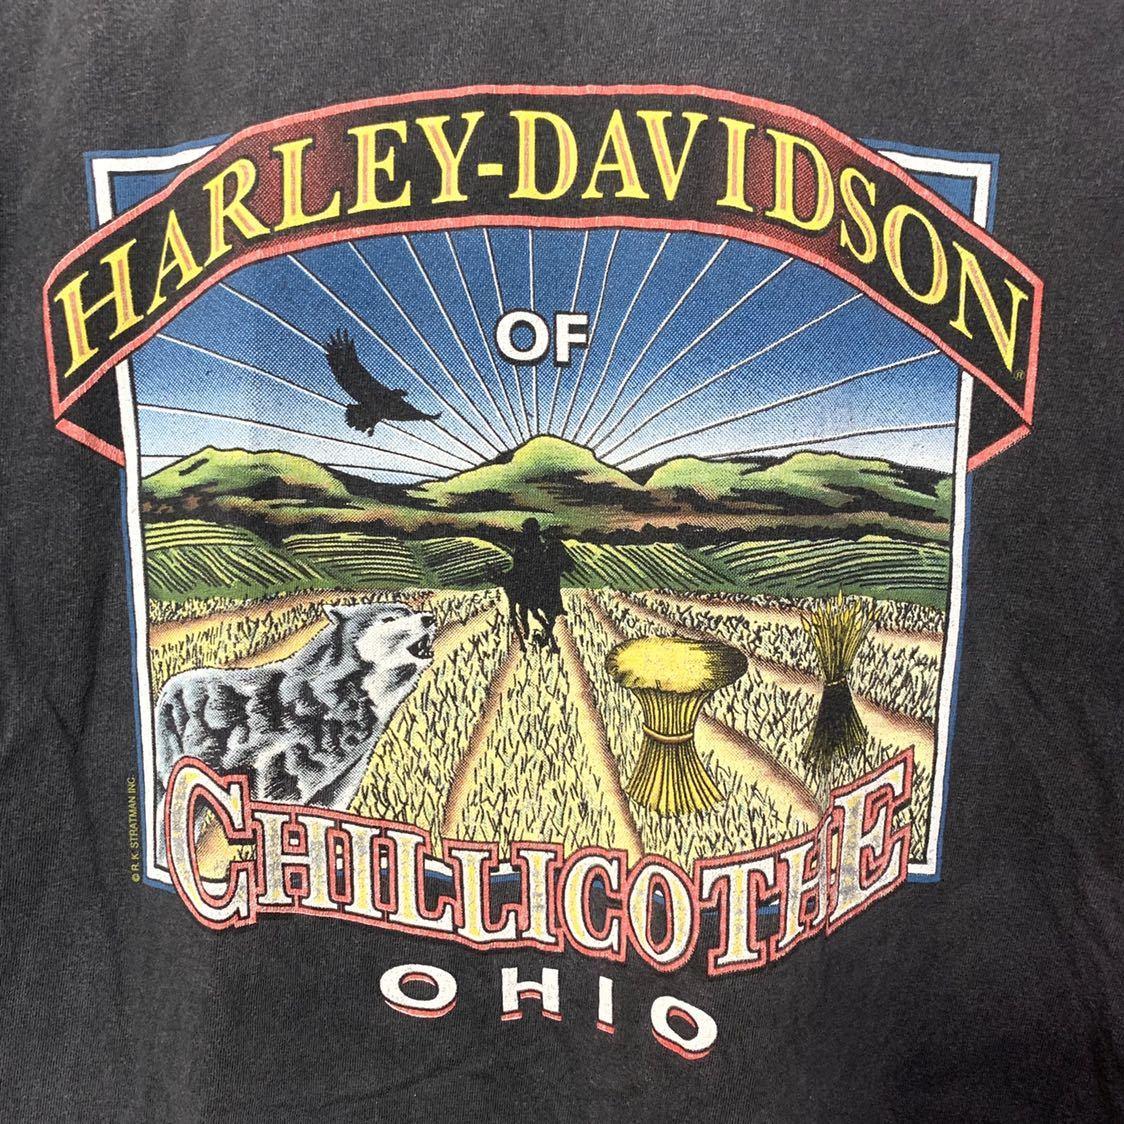 ■HARLEY-DAVIDSON ハーレーダビッドソン CHILLICOTHE OHIO イーグルロゴ プリント 半袖Tシャツ/古着 アメカジ バイカー ブラック 黒色■_画像6